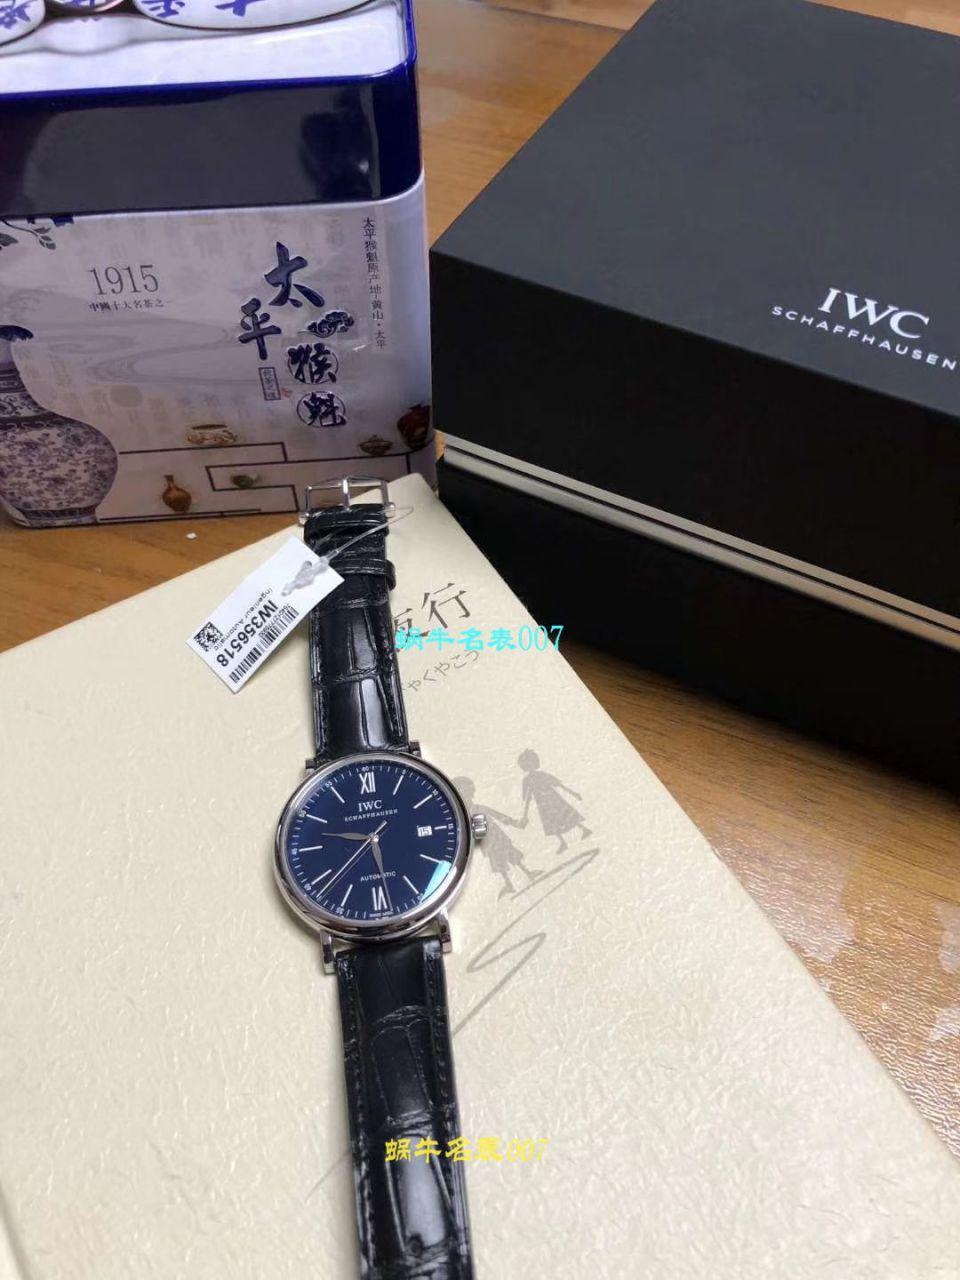 IWC万国表周年纪念系列IW356519腕表【渠道原单万国150周年】 / WG196